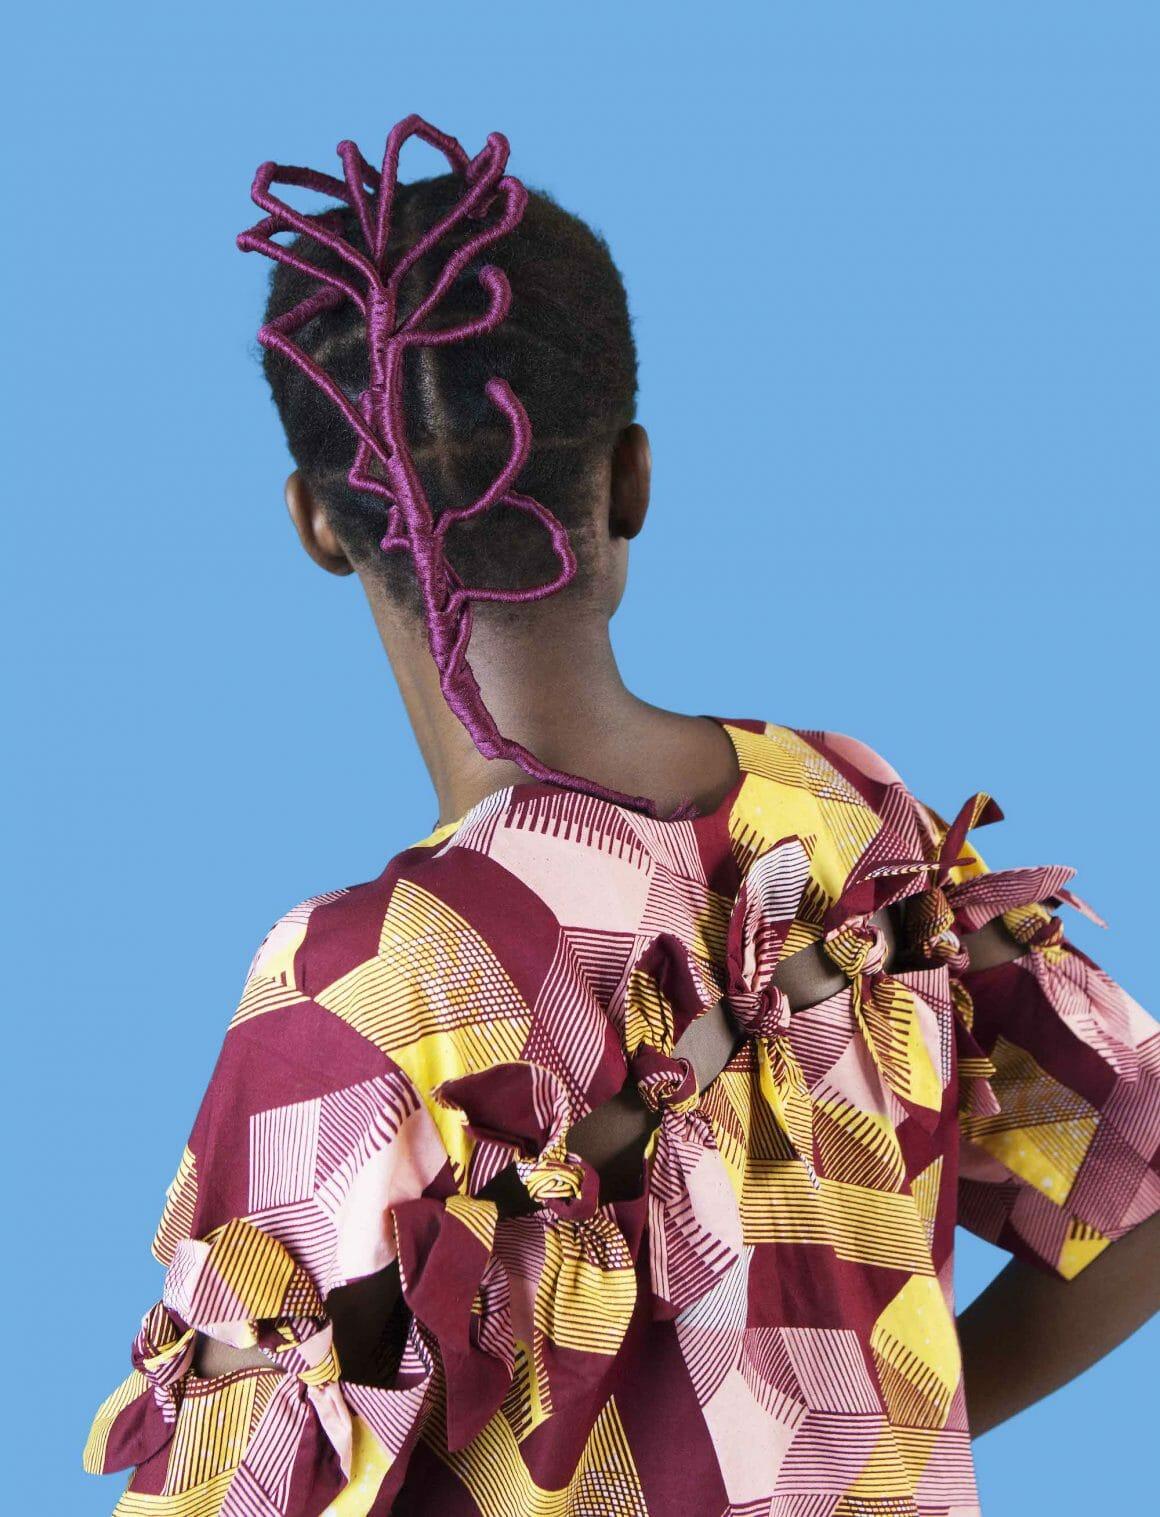 Magenta Braid- Chroma série photo